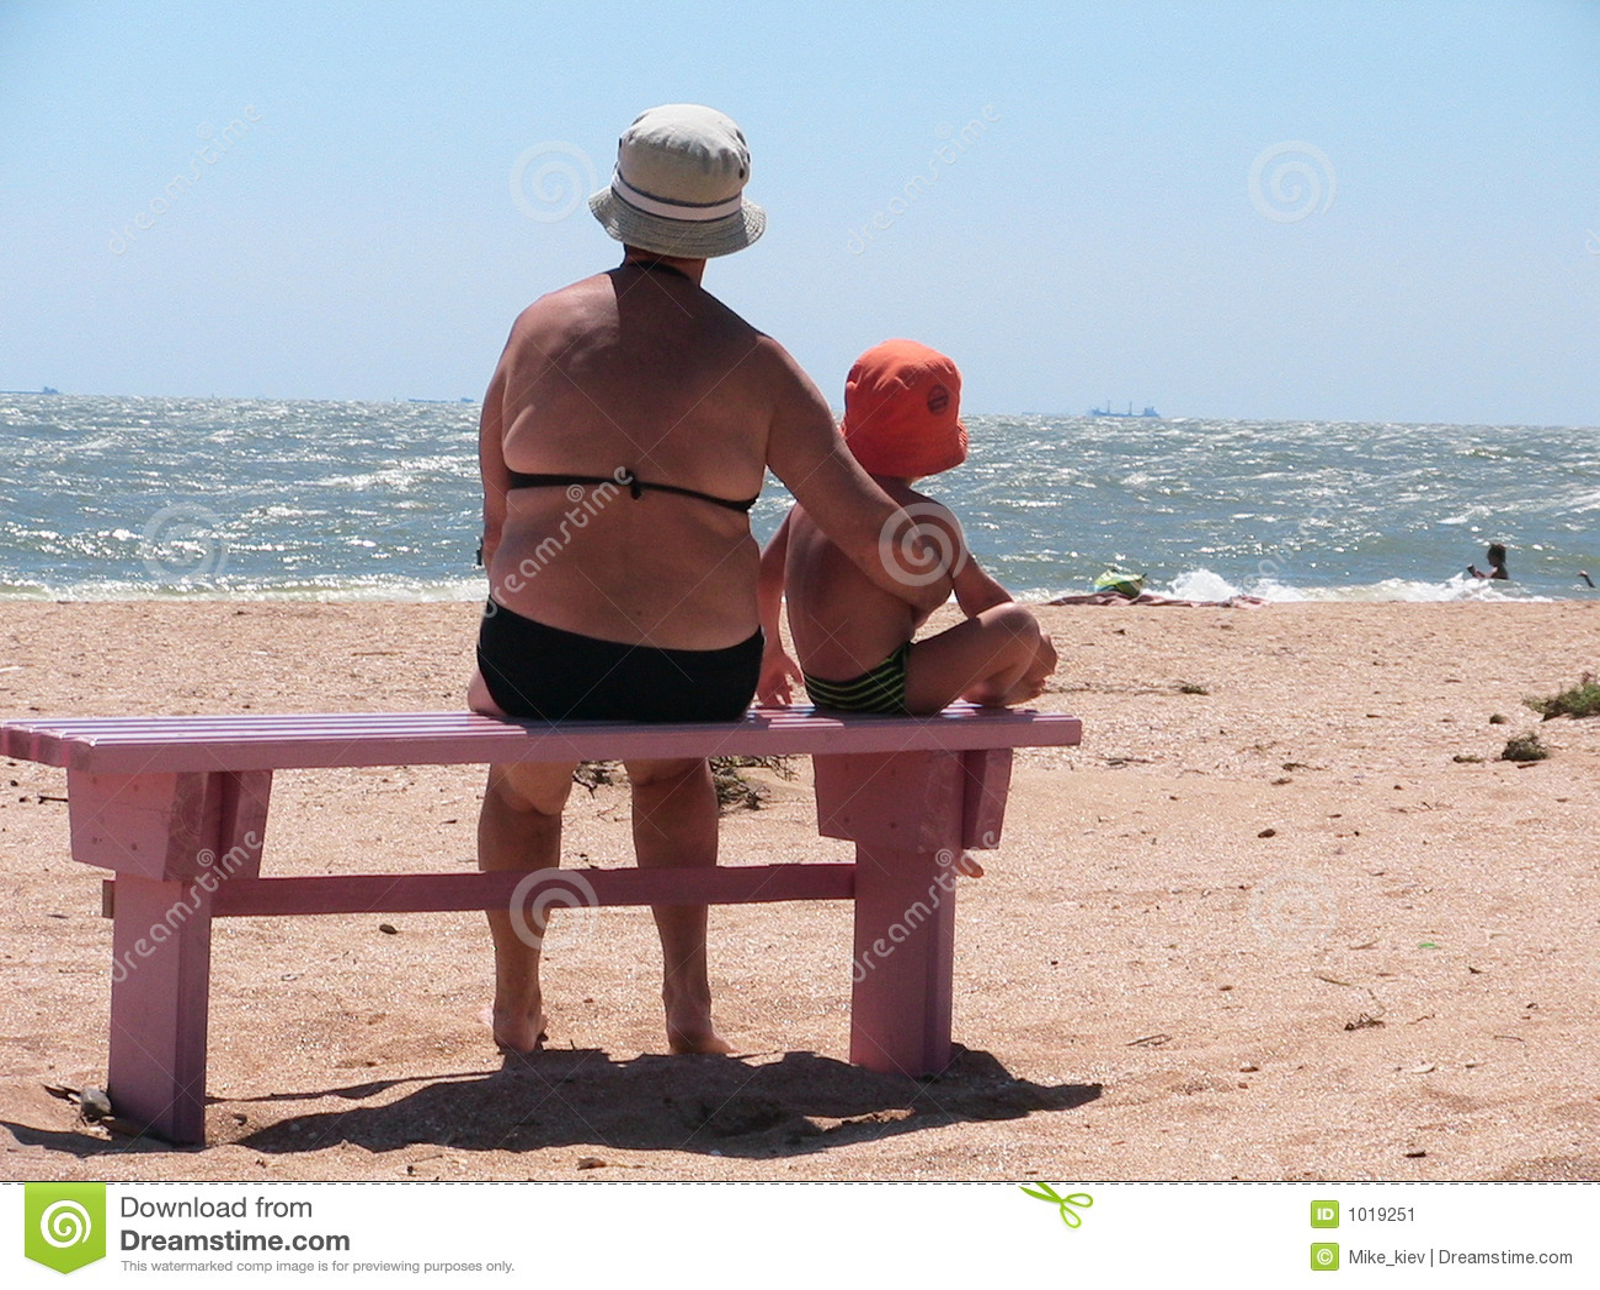 abuela nieto una playa muchacho abuelo que suben abuelas mamonas